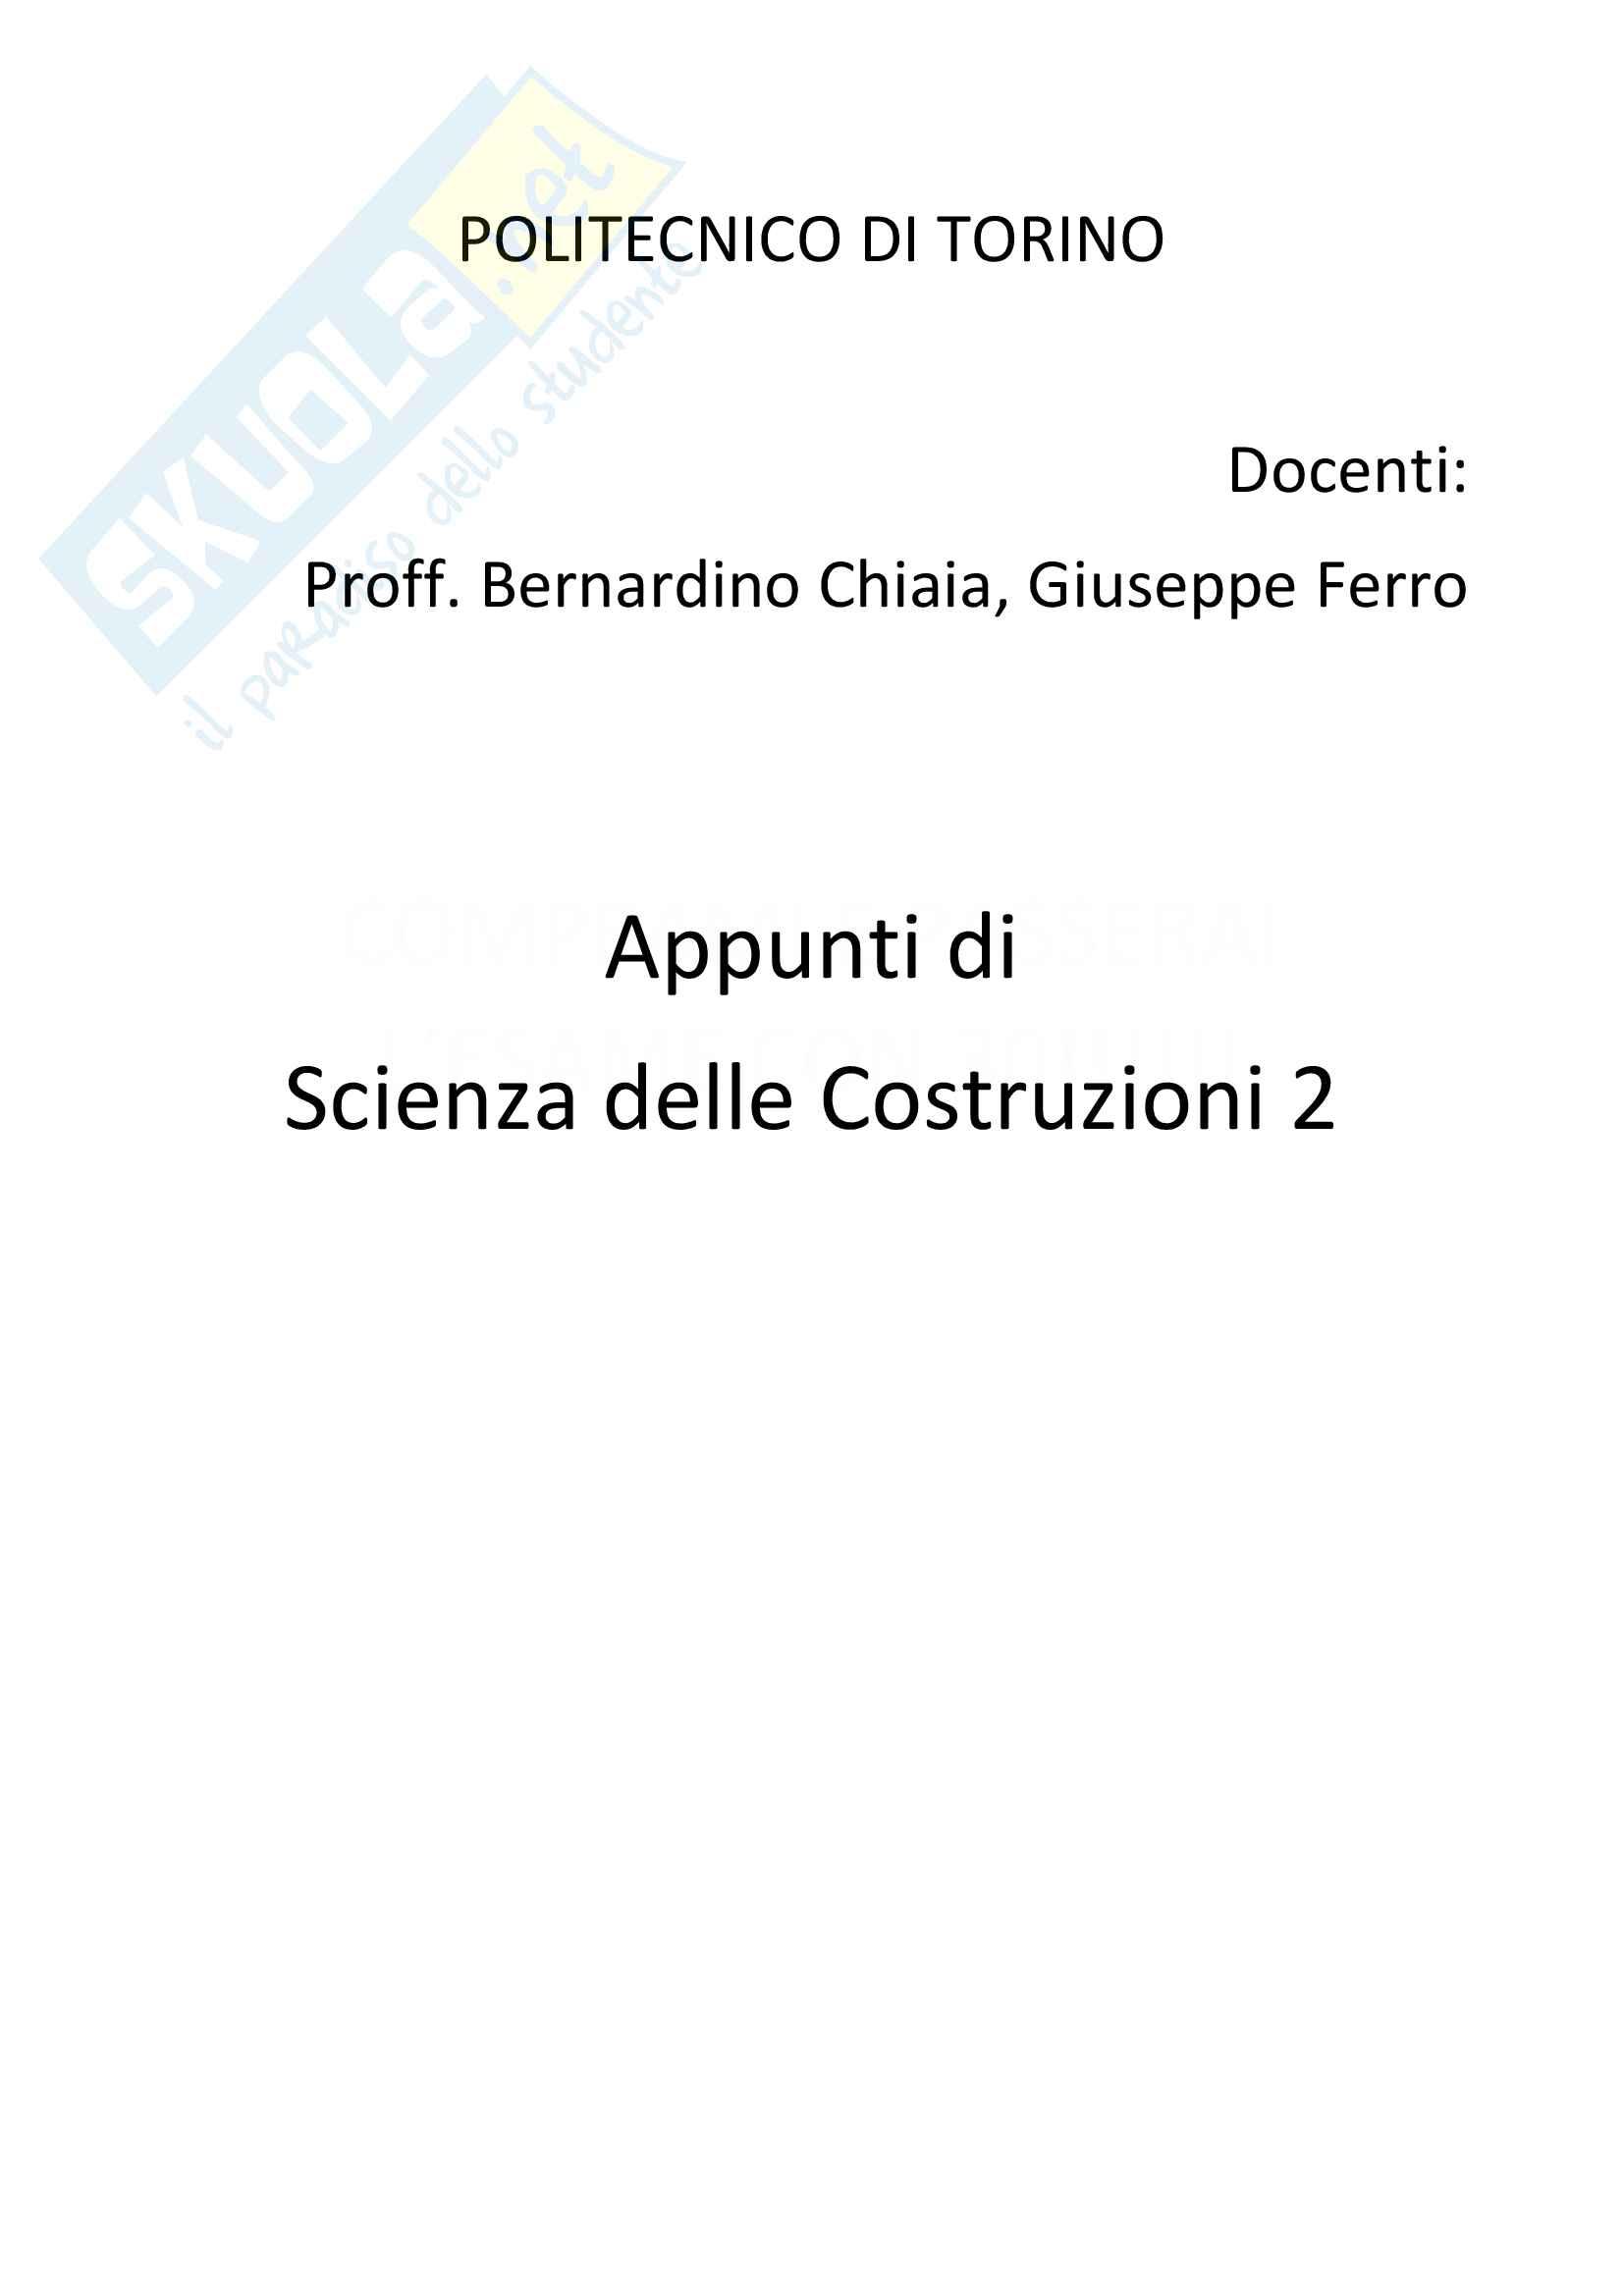 Lezioni e appunti di Scienza delle Costruzioni 2